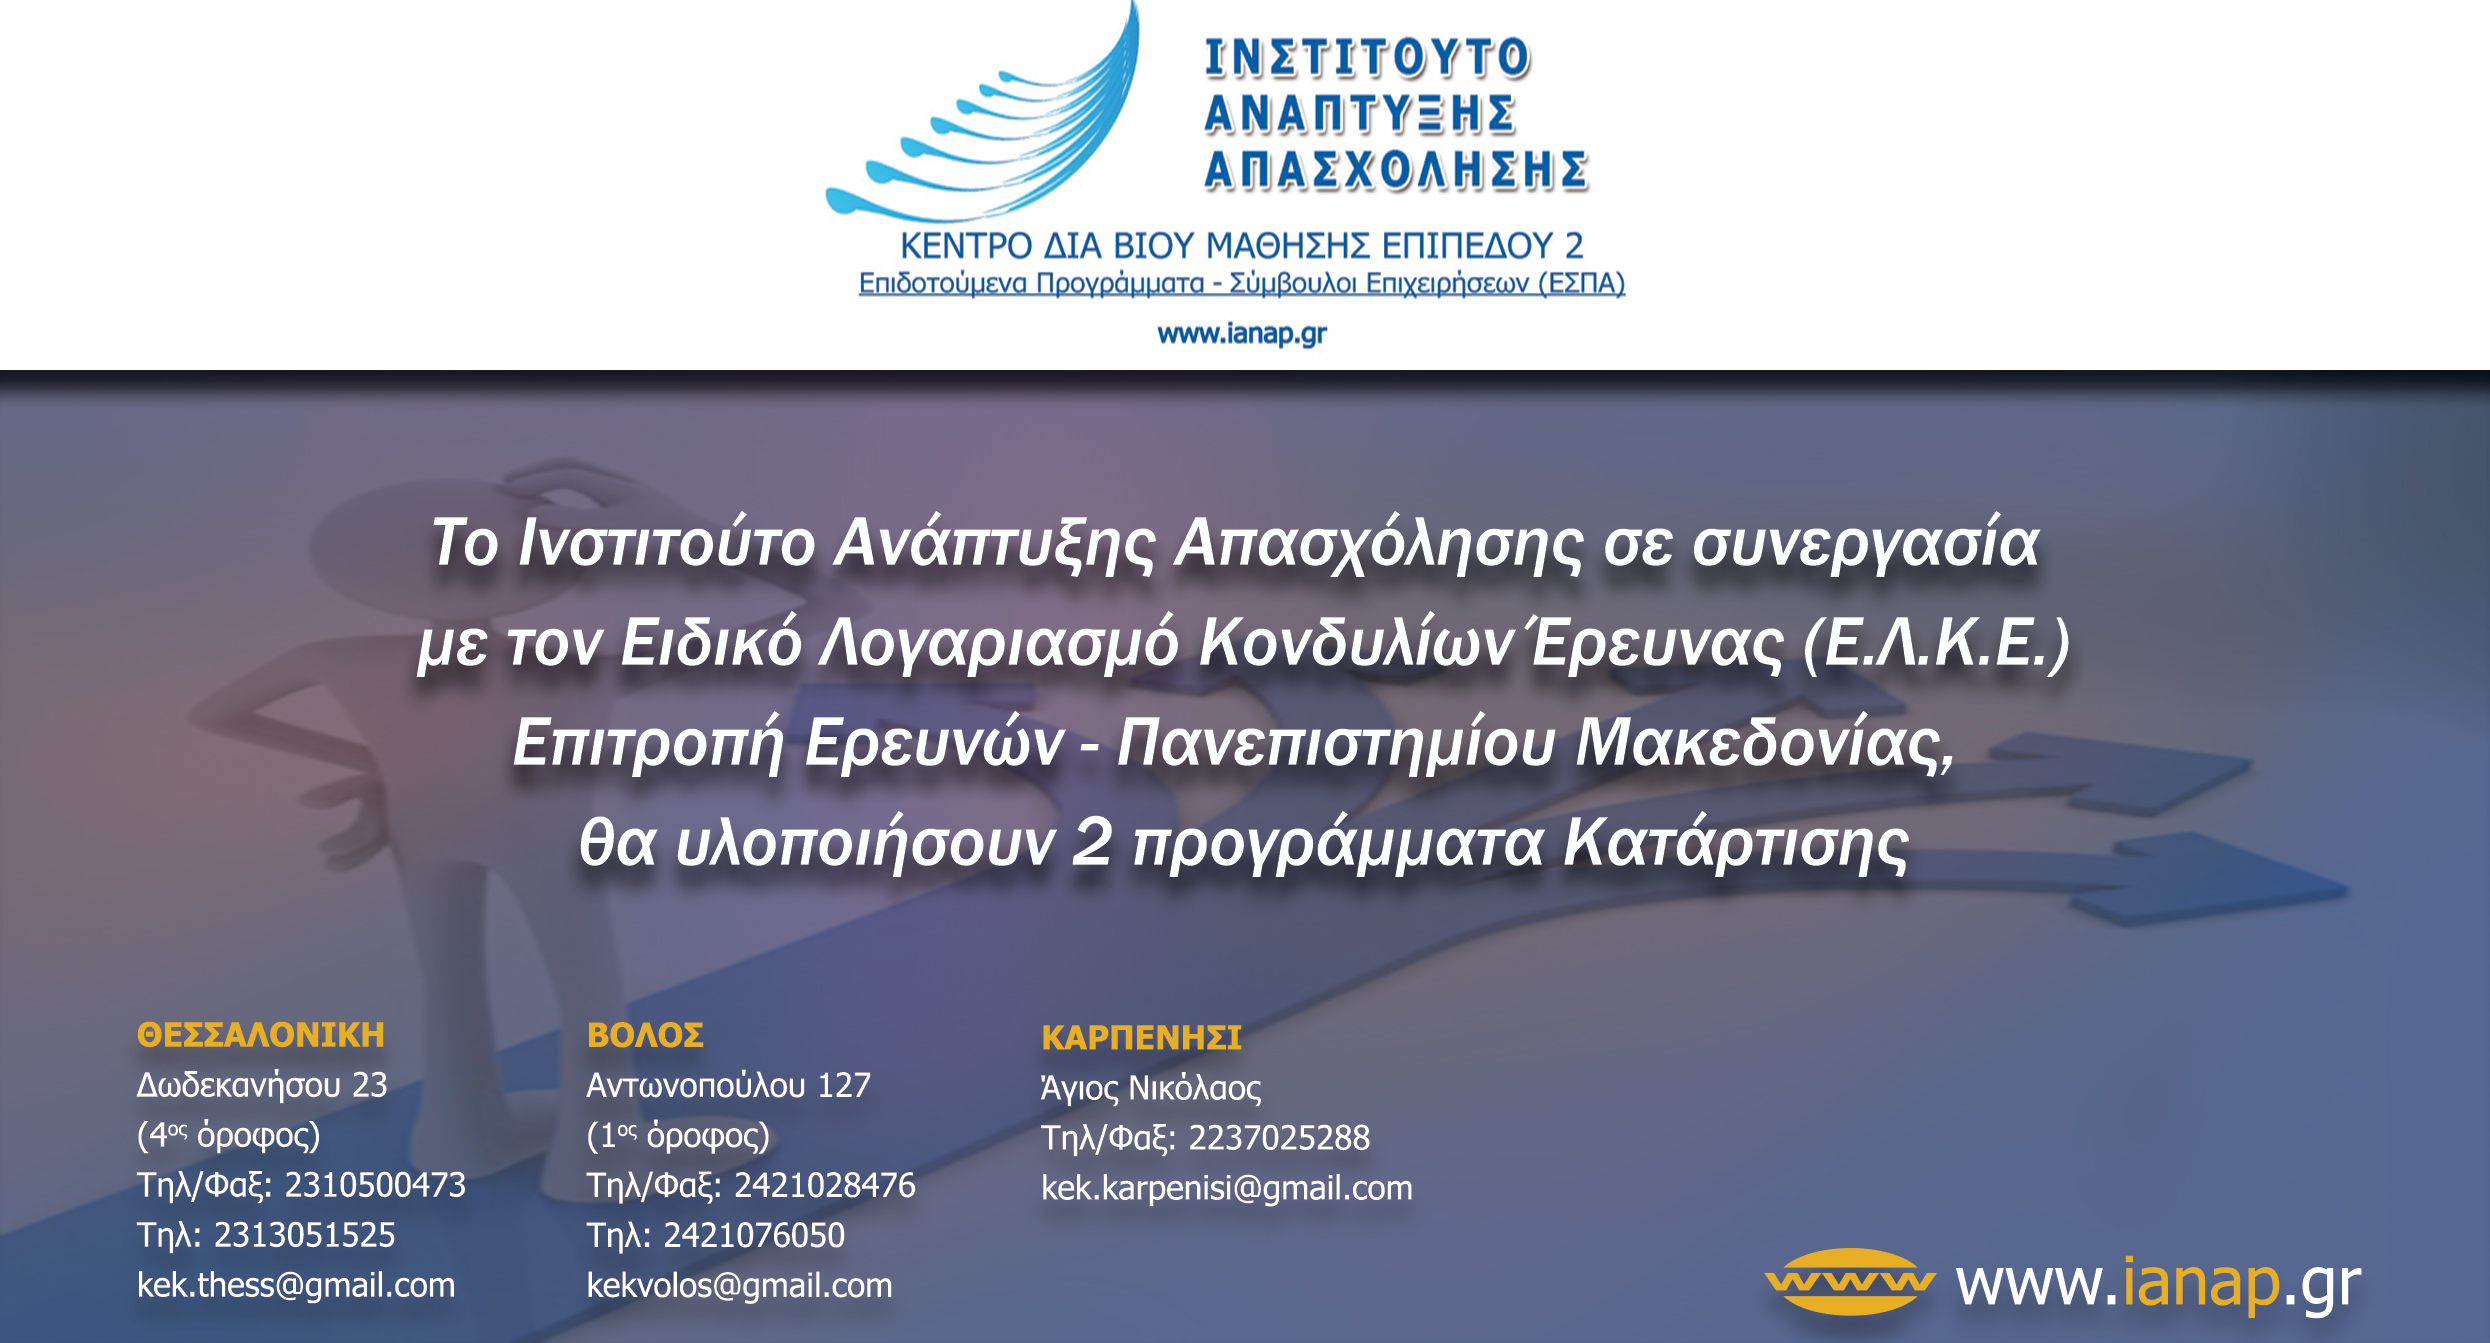 ΕΛΚΕ-Επιτροπή Ερευνών-ΠΑΜΑΚ